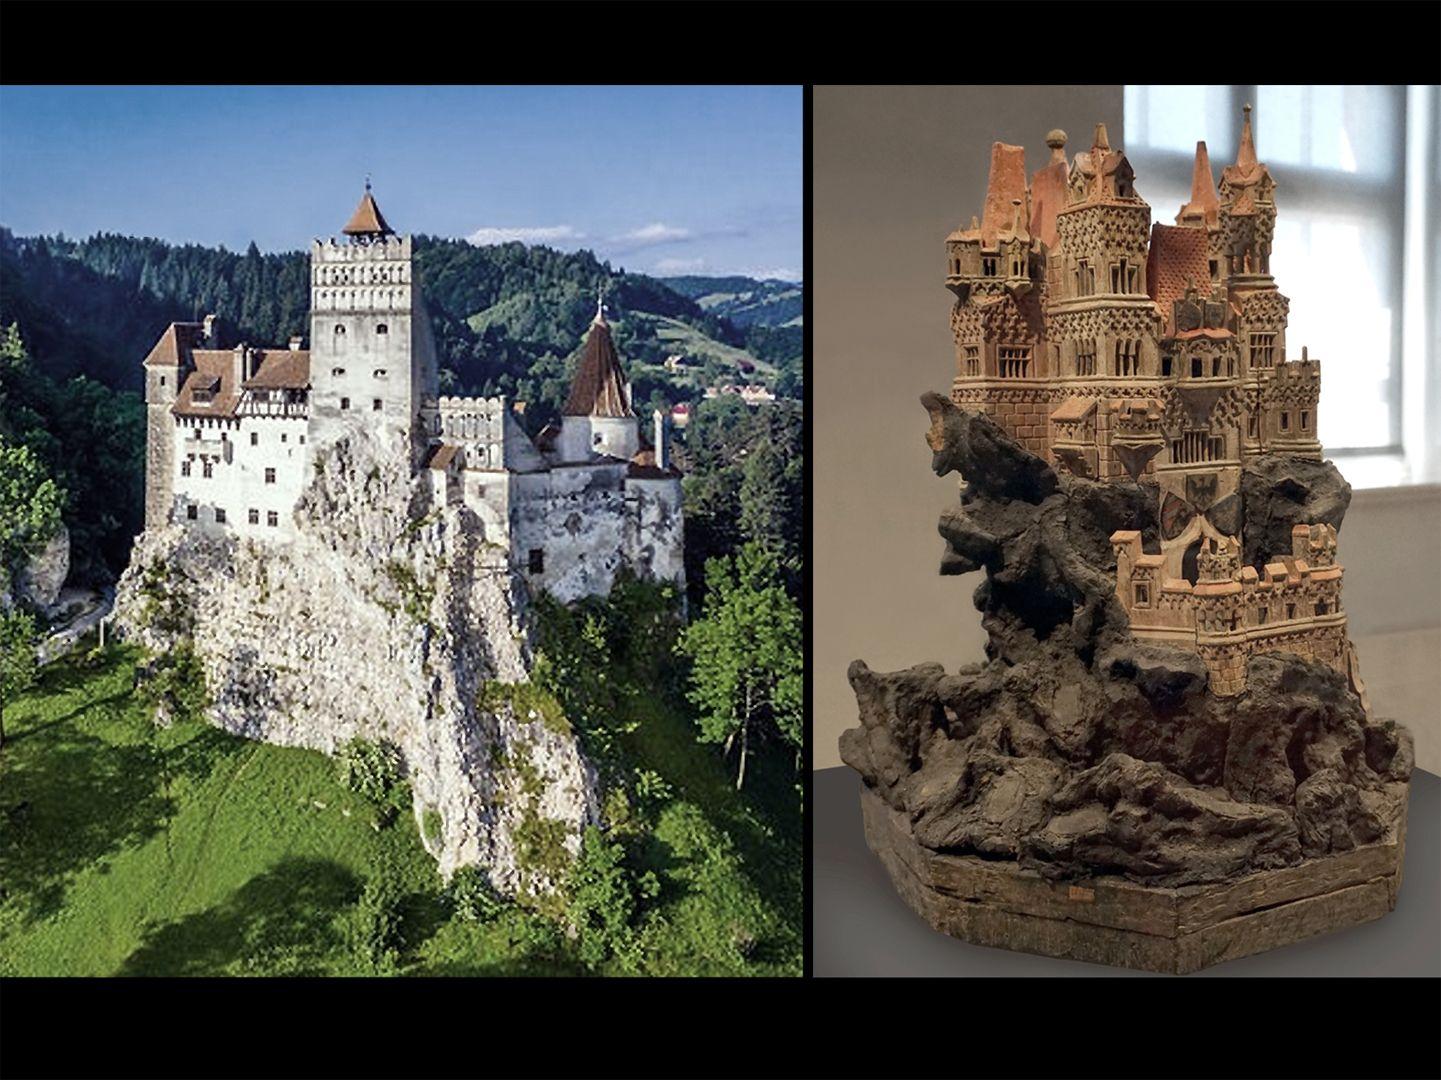 Modell einer Ritterburg So phantasievoll das Burgmodell erscheint, könnte die Felsensituation halbwegs realistisch sein (links Törzburg in Bran, Rumänien, rechts Modell)